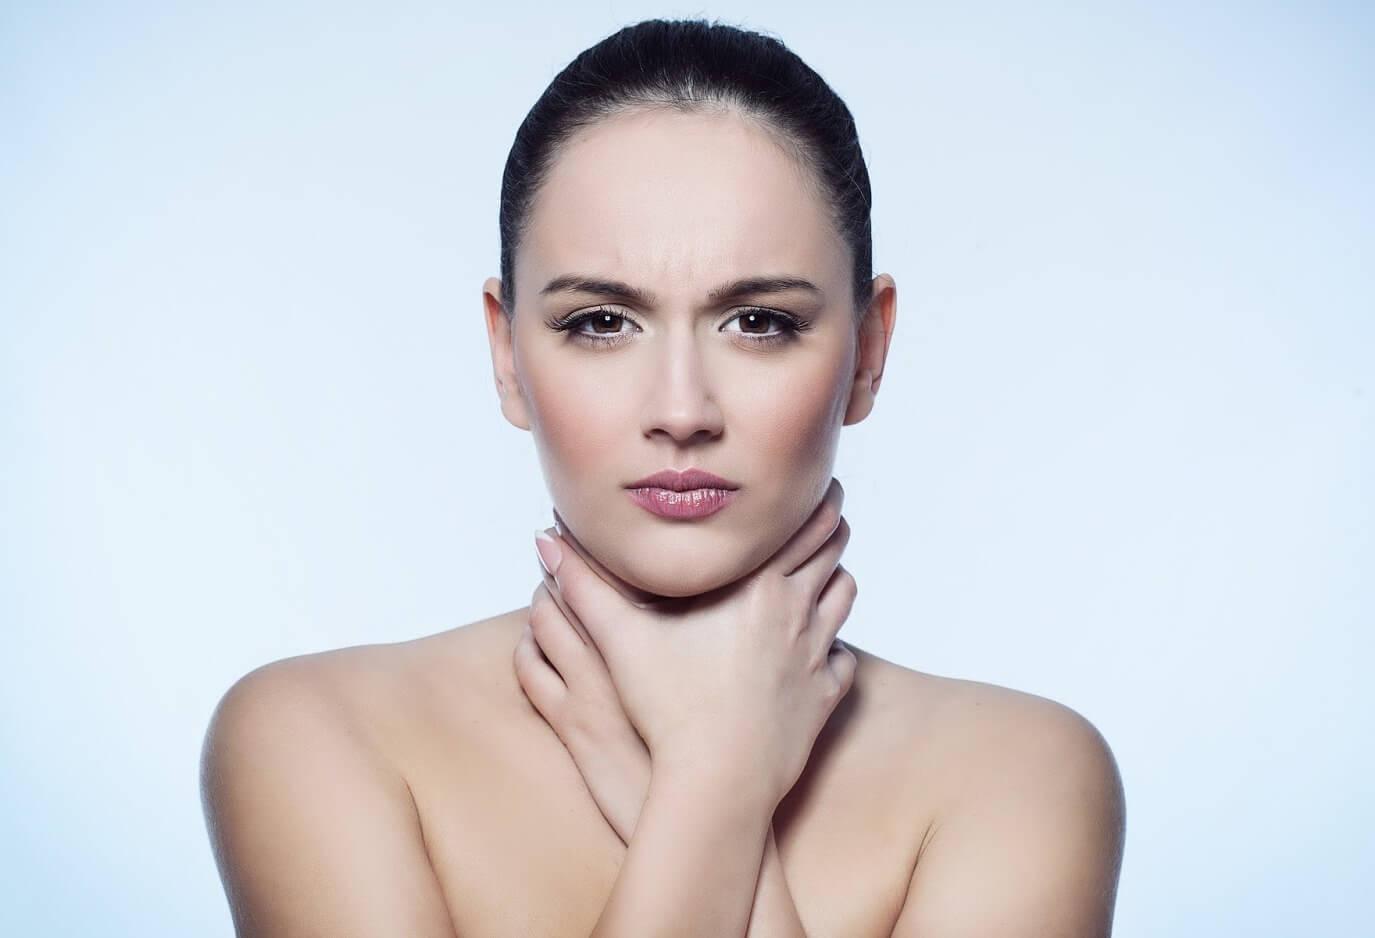 Быстрая помощь при боле в горле, или как предотвратить серьёзные последствия